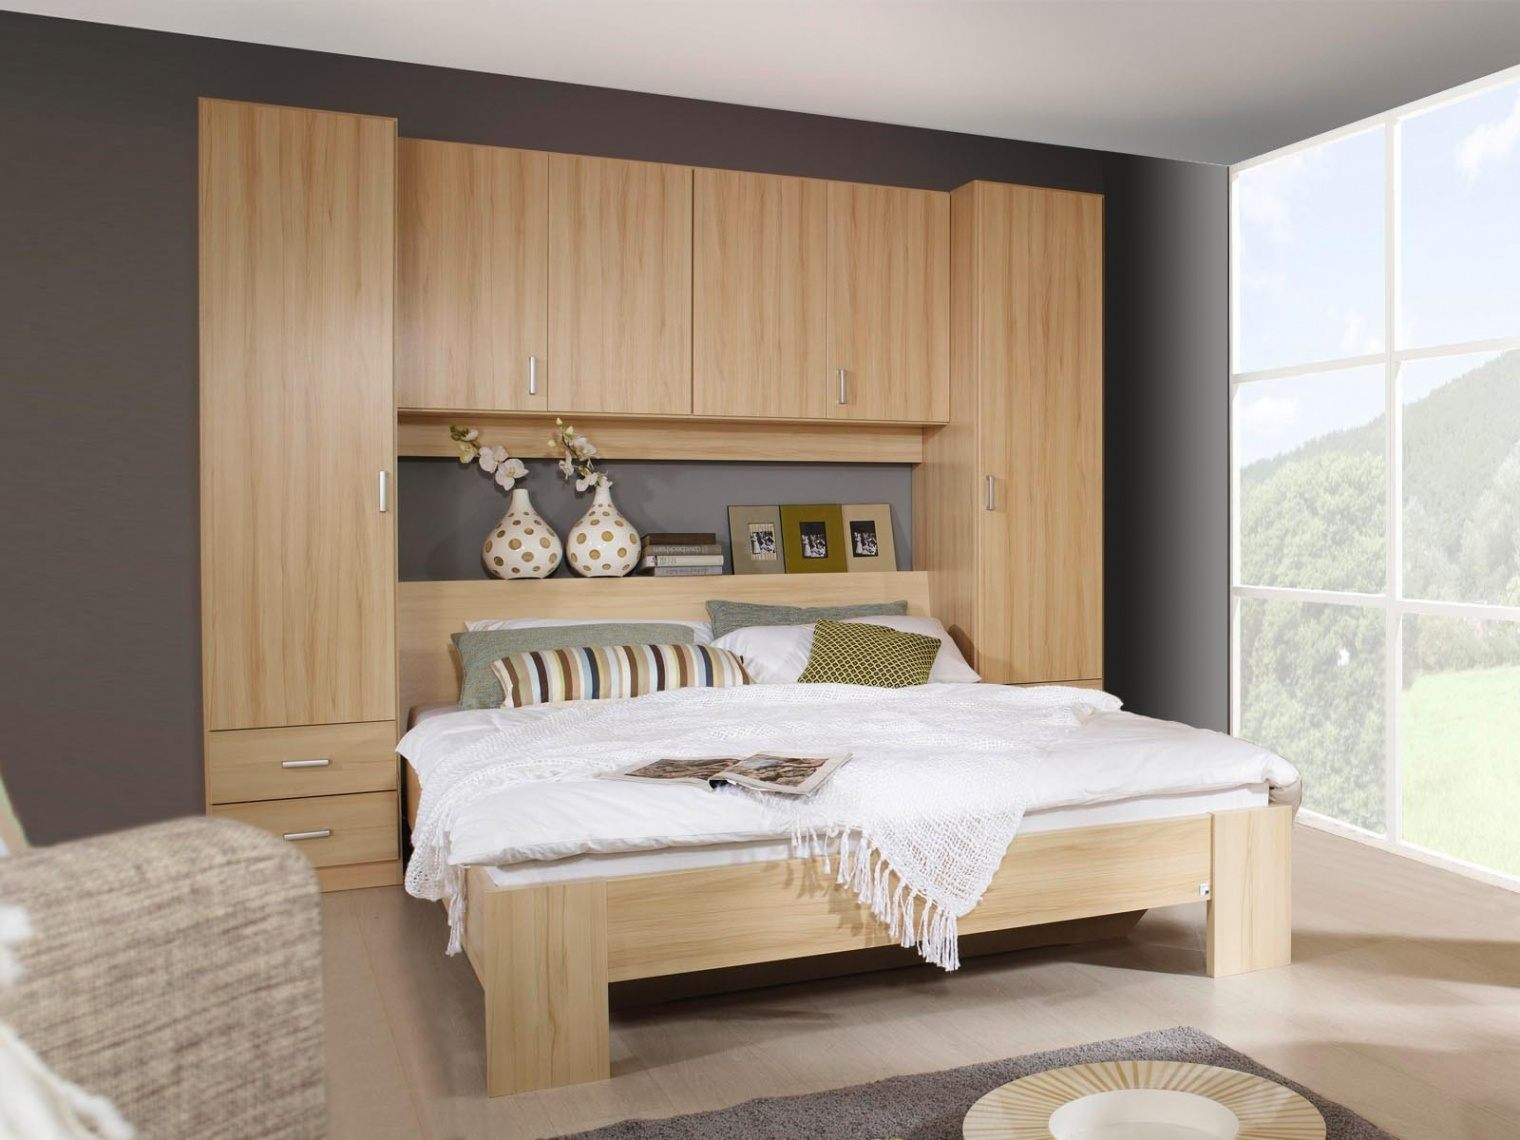 Tete De Lit Taupe Frais Chambre Decoration Taupe Et Blanc Beige Bois Diy Tete De Lit Grande